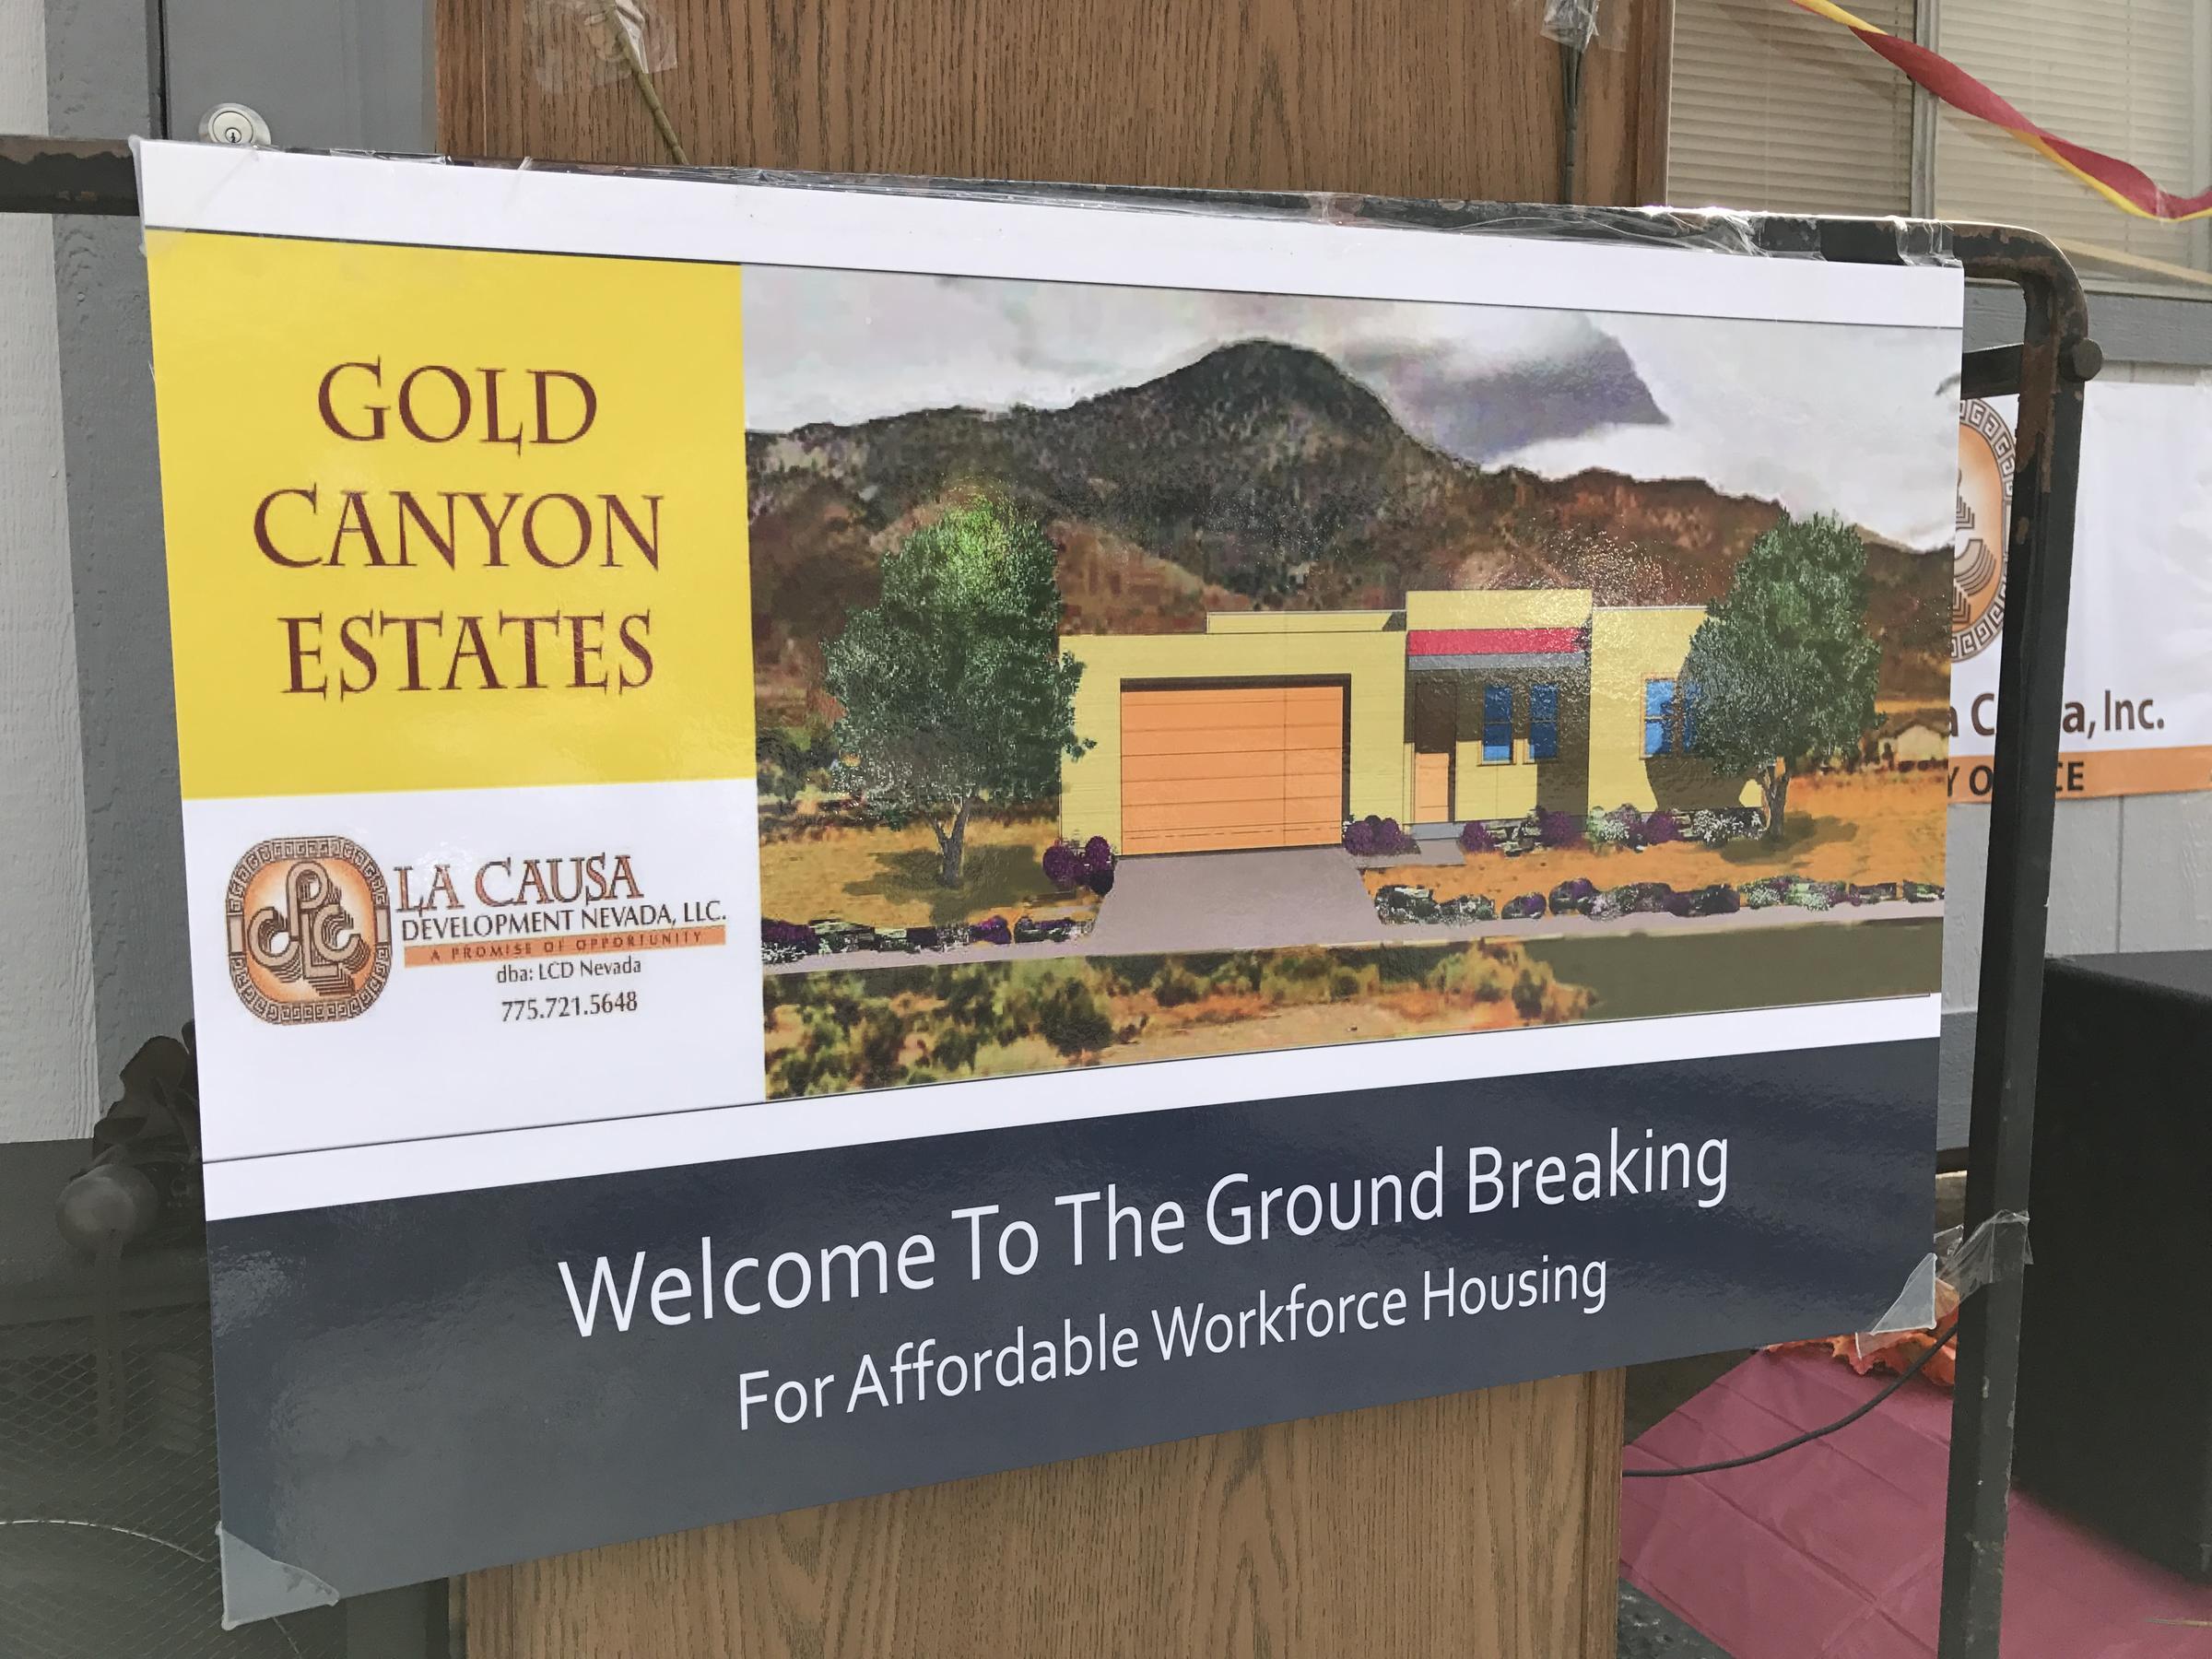 new workforce housing development underway in rural nevada